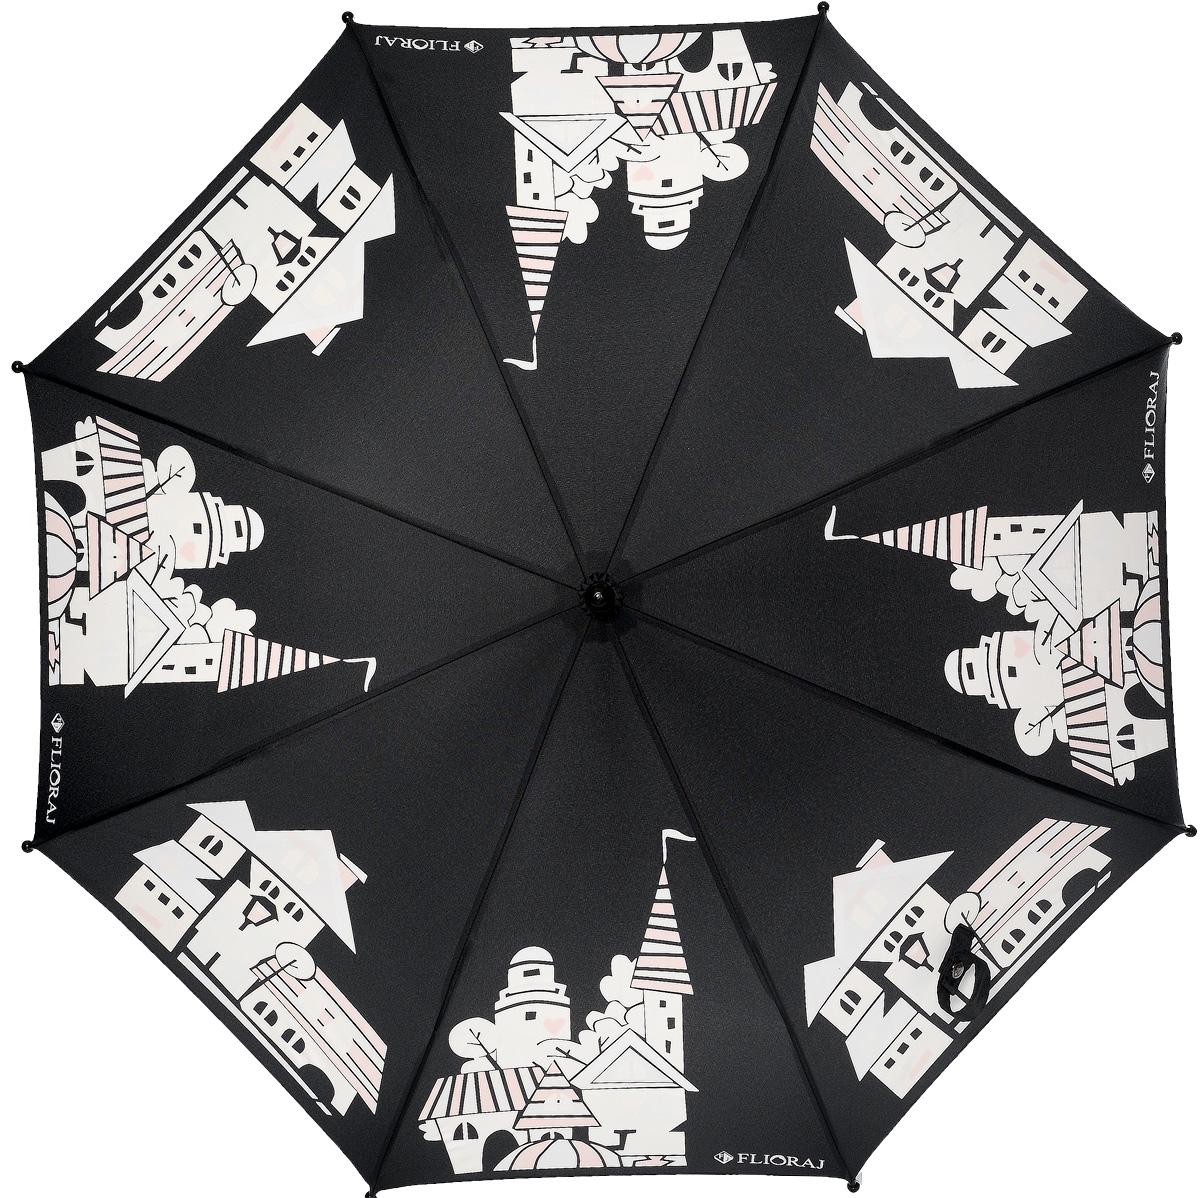 Зонт детский Flioraj 051207051207 FJСказочный зонт-раскраска! Дождь раскрасит безликие, белые здания в радужные, веселые домики. Под таким зонтом дождь - только в радость. Широкий выбор расцветок позволит найти подходящий вариант. Детский зонтик Flioraj с поверхностью реагирующей на воду, при намокании рисунок становится цветным, он обязательно понравится Вам и Вашему ребенку! Предназначен для детей младшего и среднего школьного возраста. Для удобства предусмотрена безопасная технология открывания и закрывания зонта. Спицы зонта изготовлены из долговечного, но при этом легкого фибергласса, что делает его ветроустойчивым и прочным.